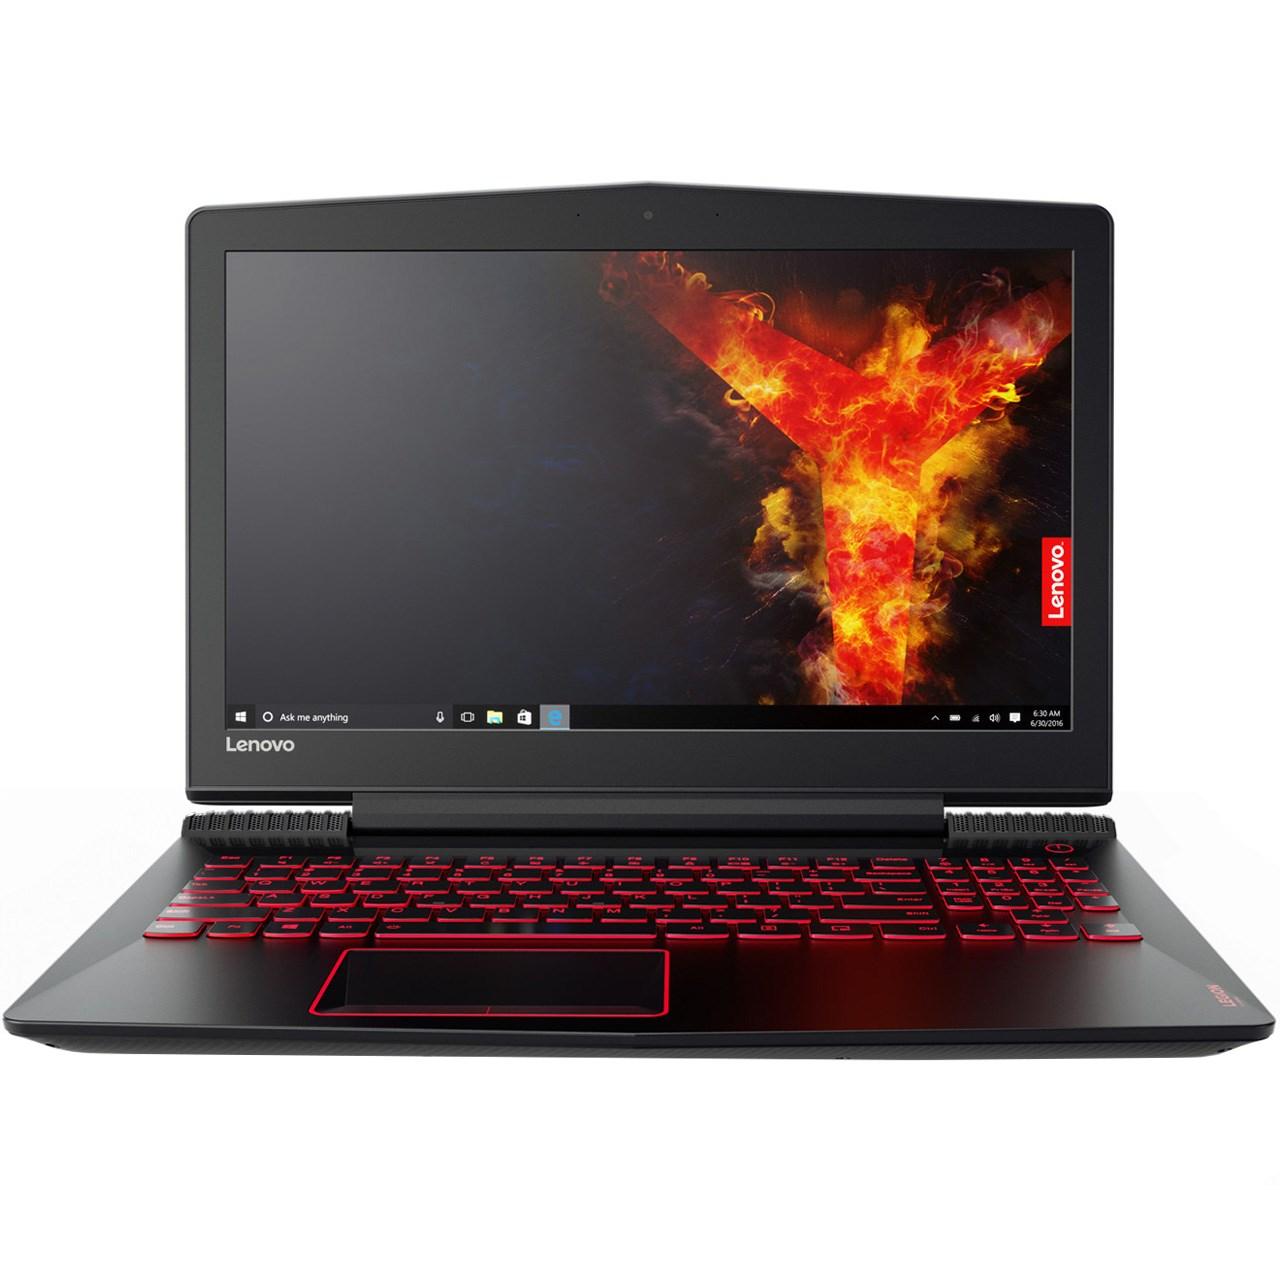 لپ تاپ 15 اینچی لنوو مدل Legion Y520 - C | Lenovo Legion Y520 - C - 15 inch Laptop